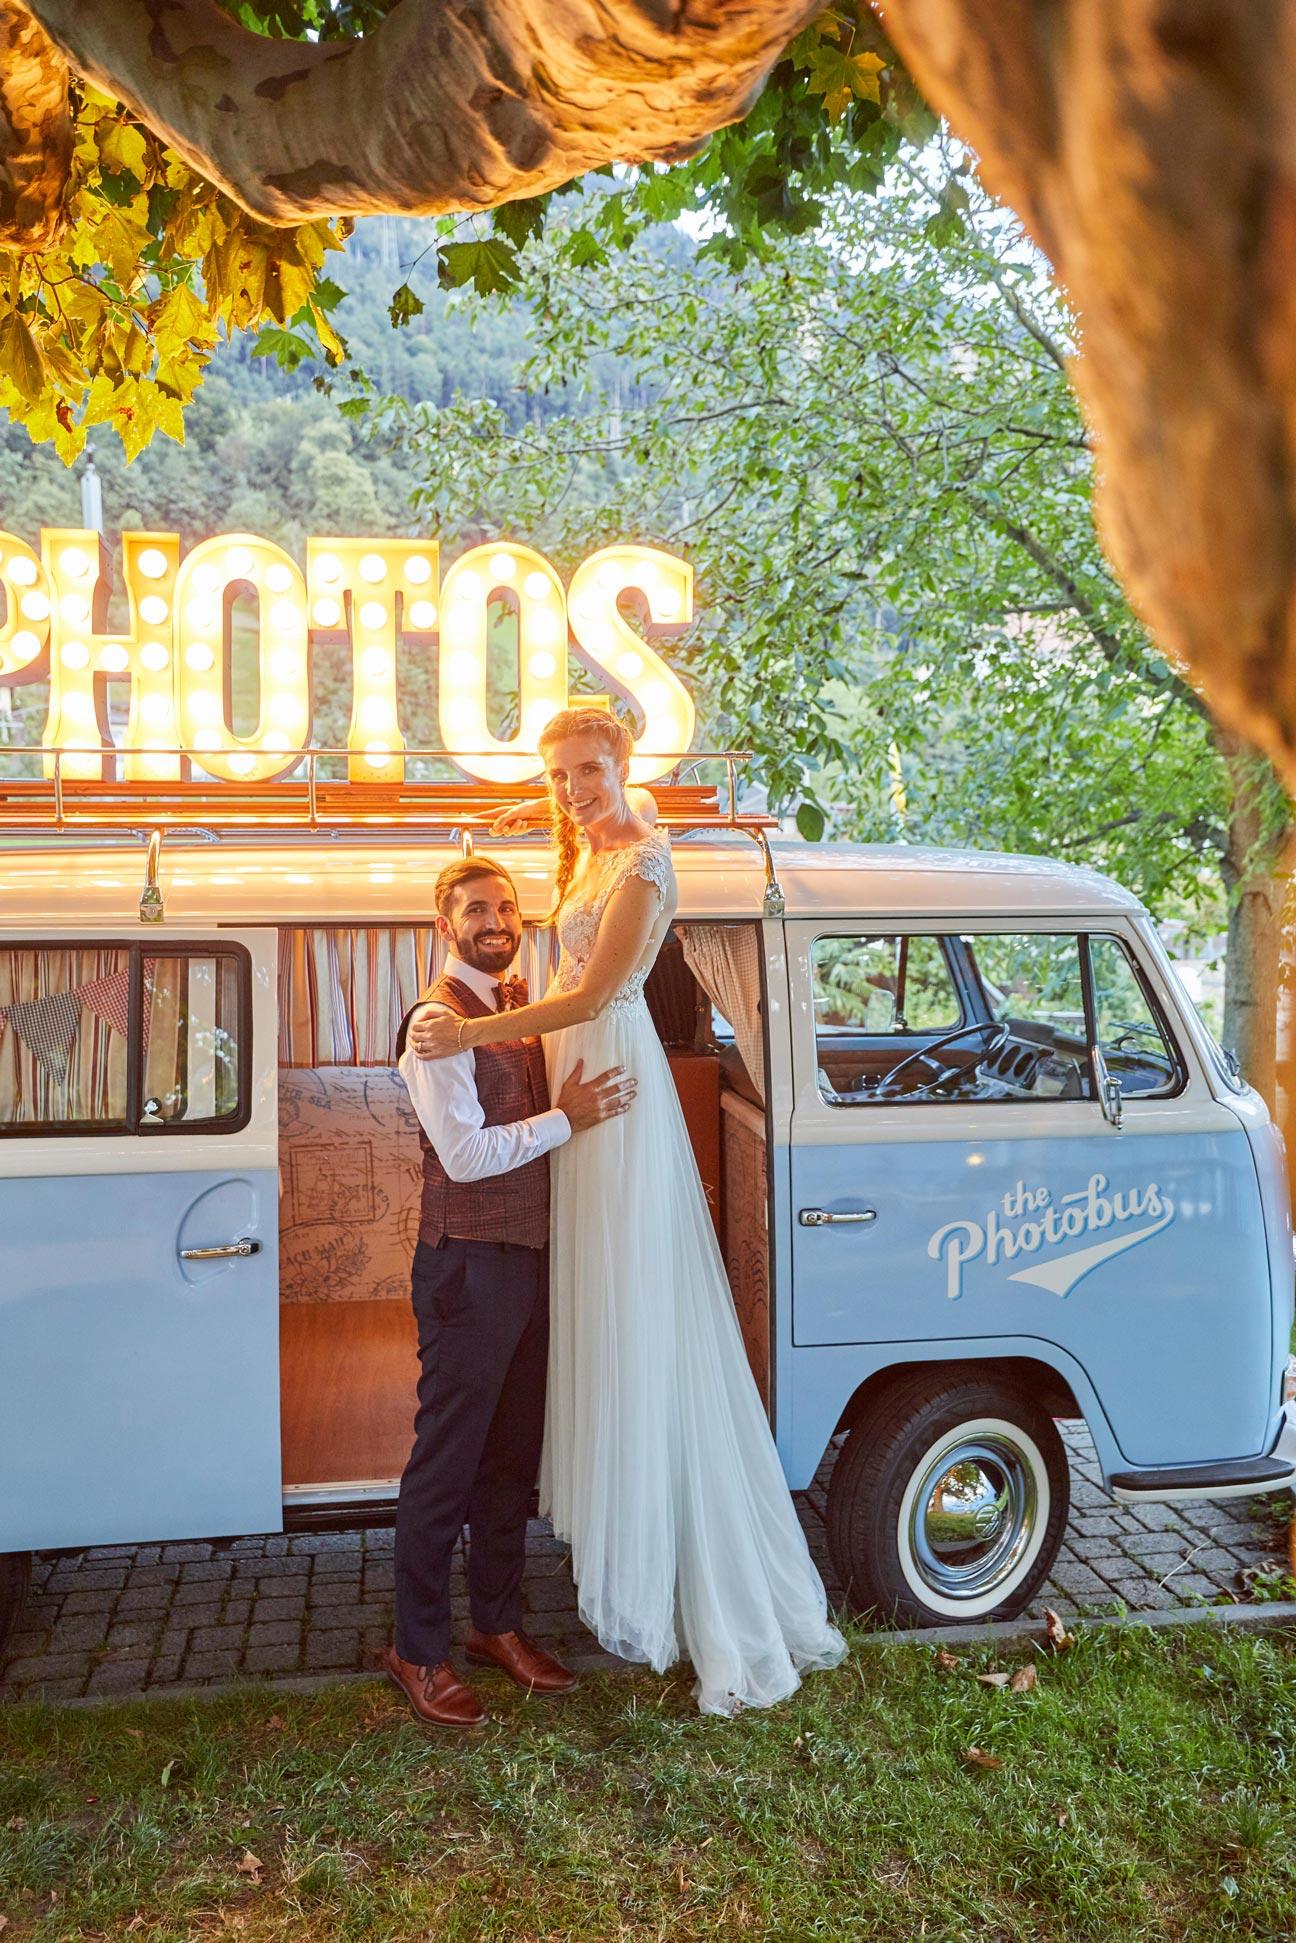 Fotosujets für Hochzeit